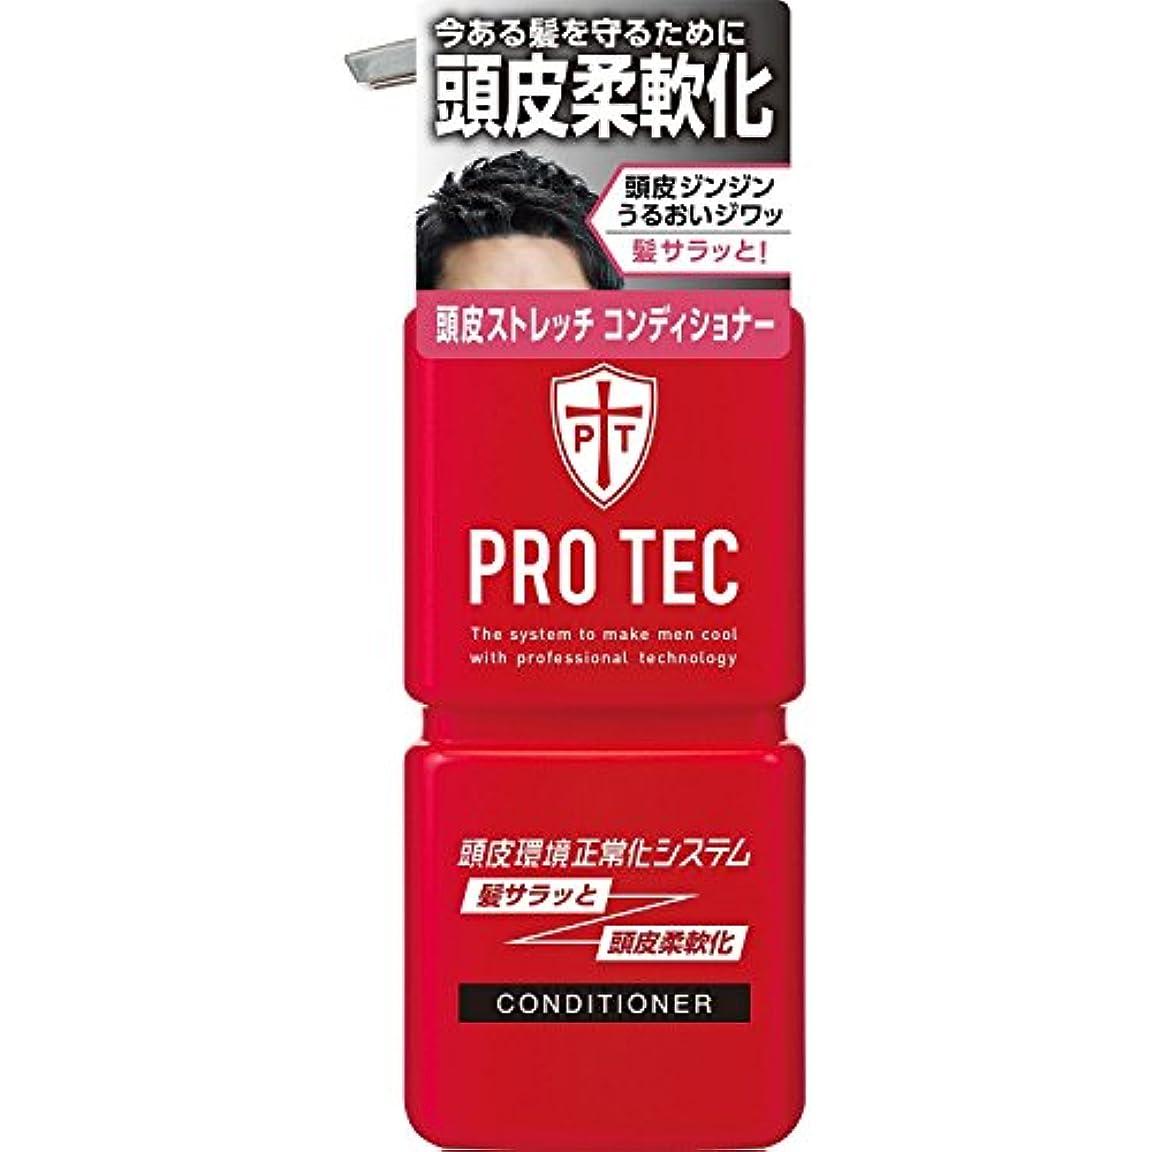 直立置き場フォーラムPRO TEC(プロテク) 頭皮ストレッチ コンディショナー 本体ポンプ 300g